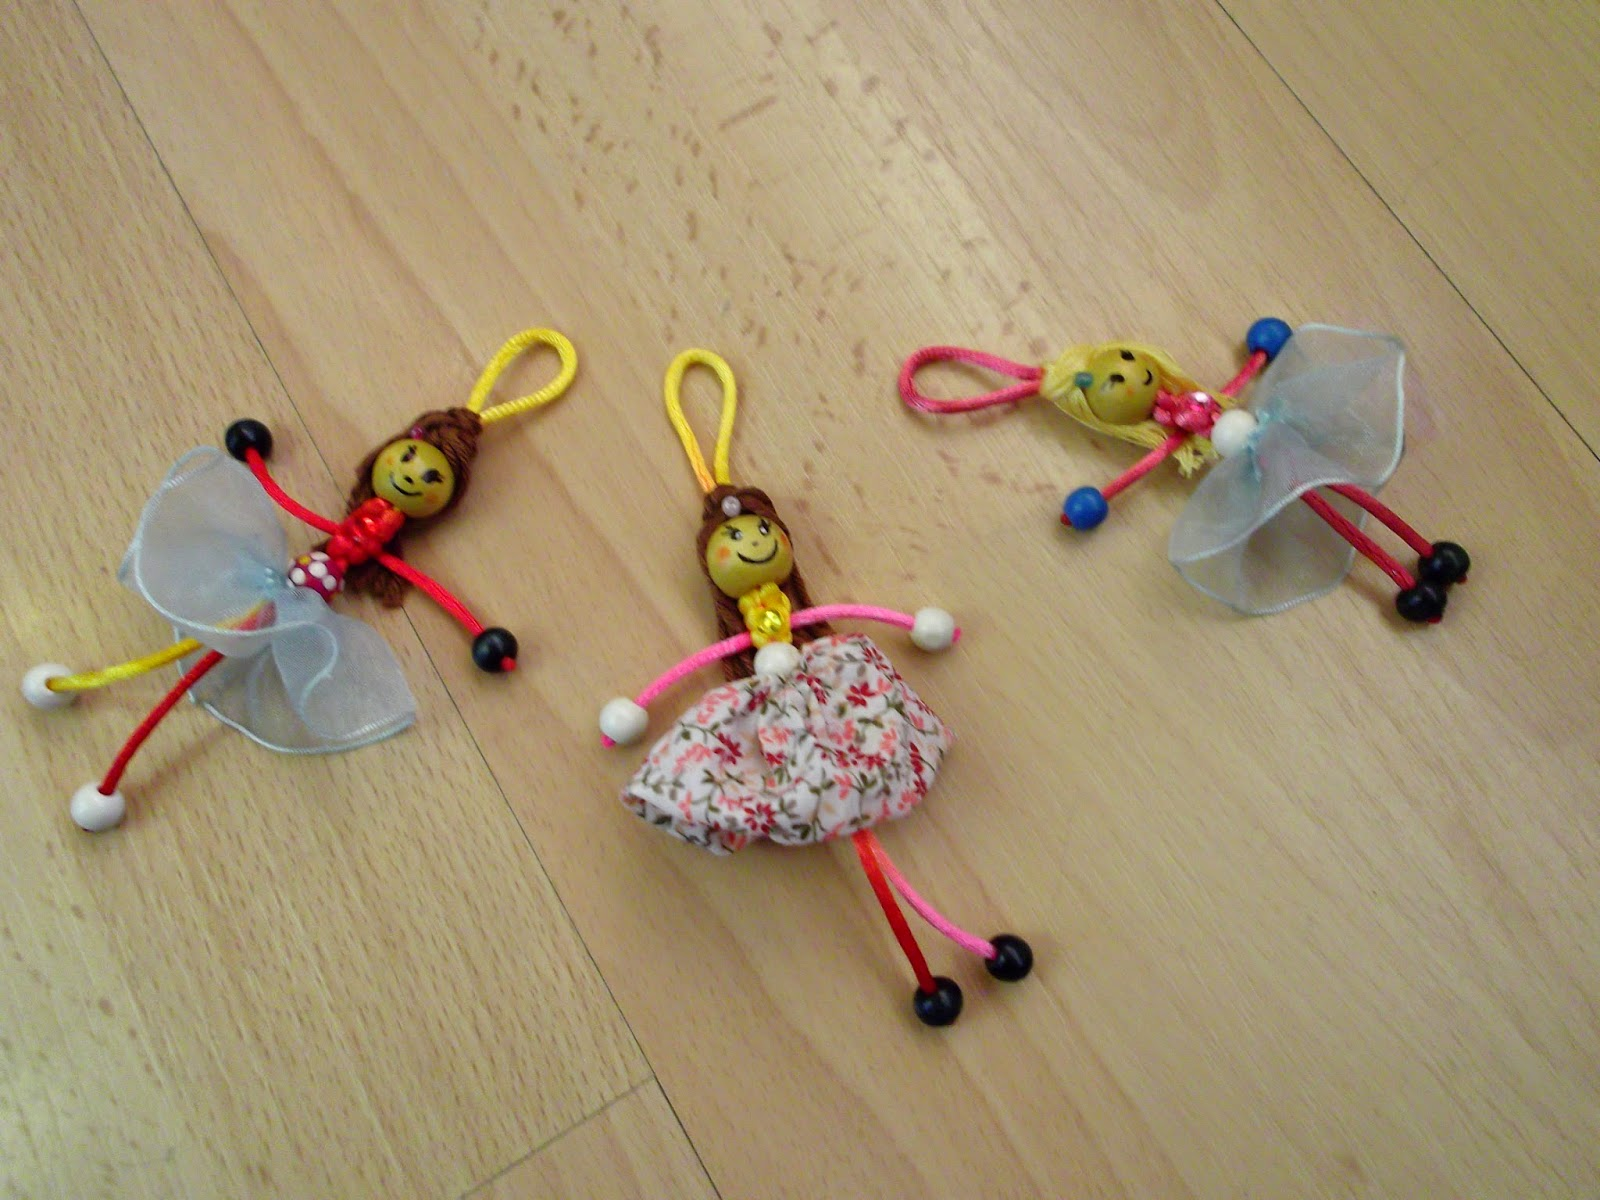 Manualidades yolohago bailarinas - Manualidades de decoracion ...